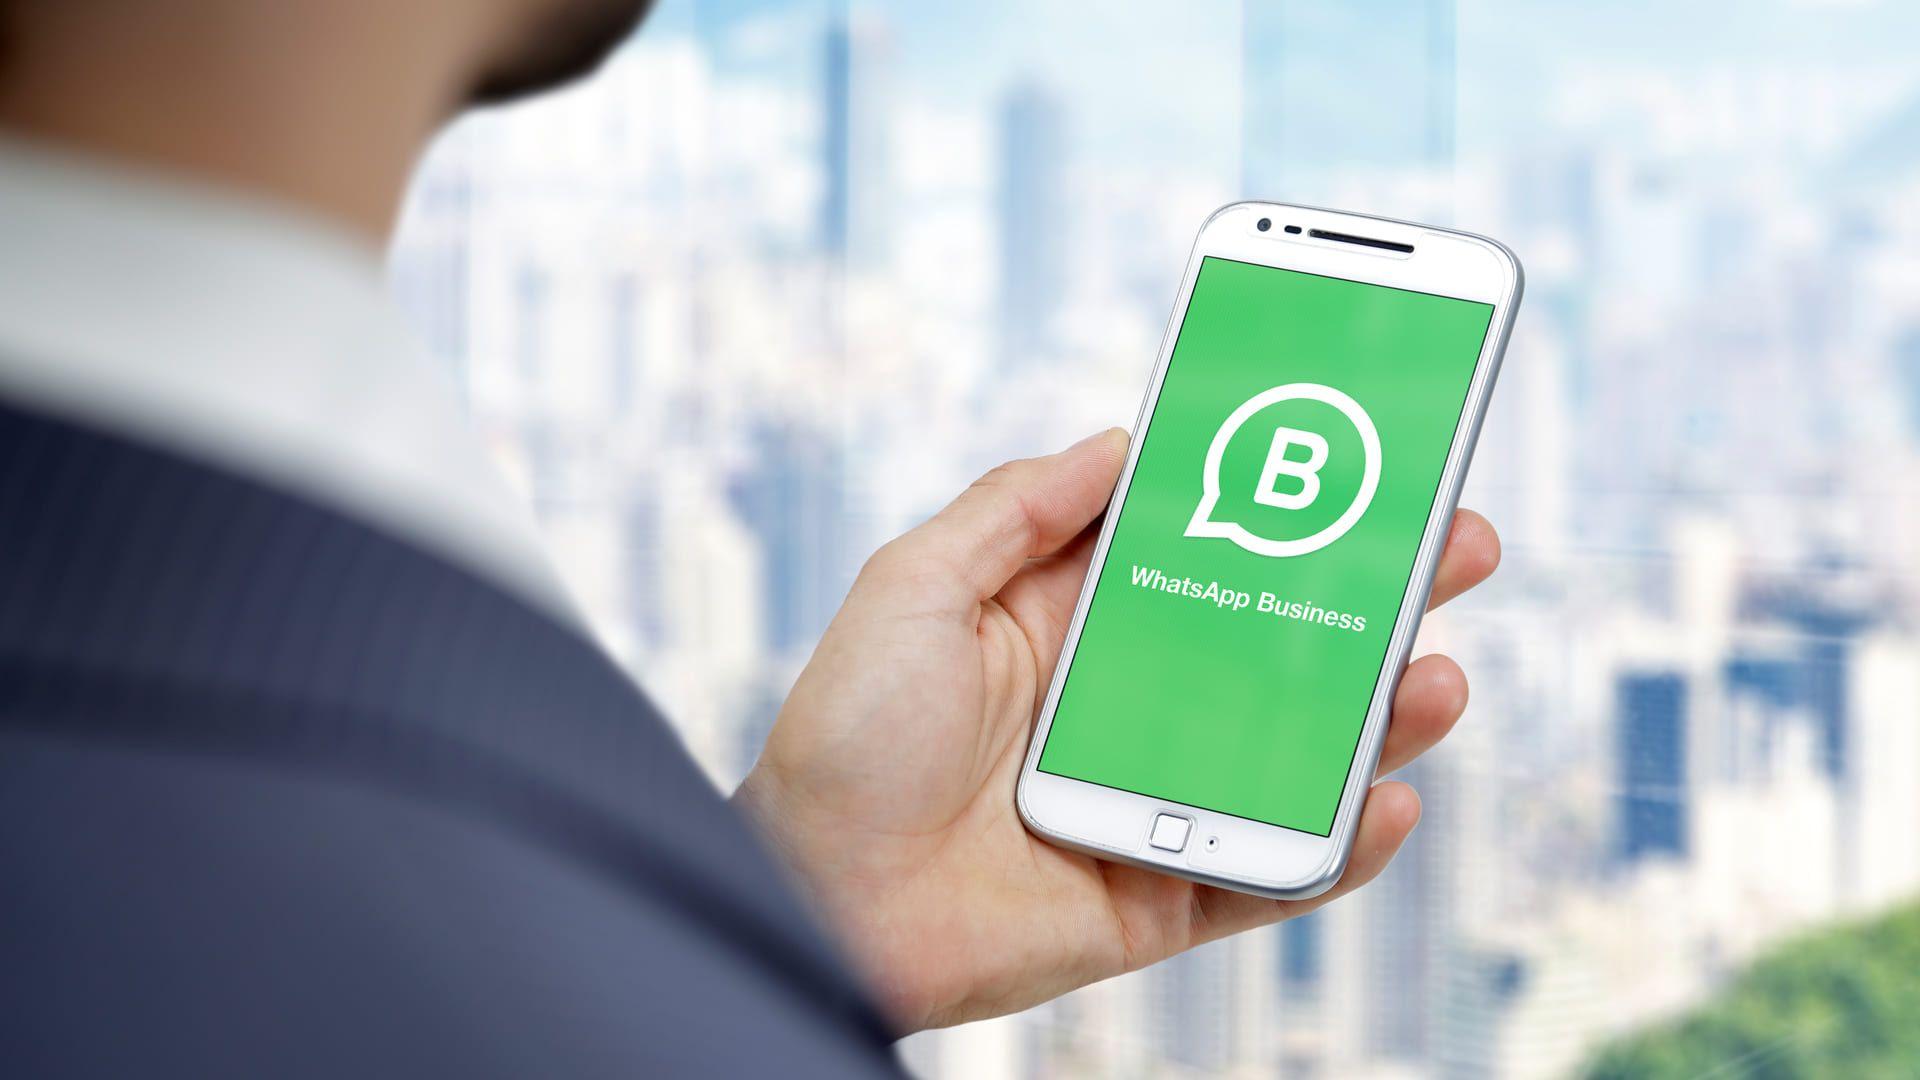 WhatsApp Business é versão para empresas do popular mensageiro (Foto: Alex Ruhl / Shutterstock.com)